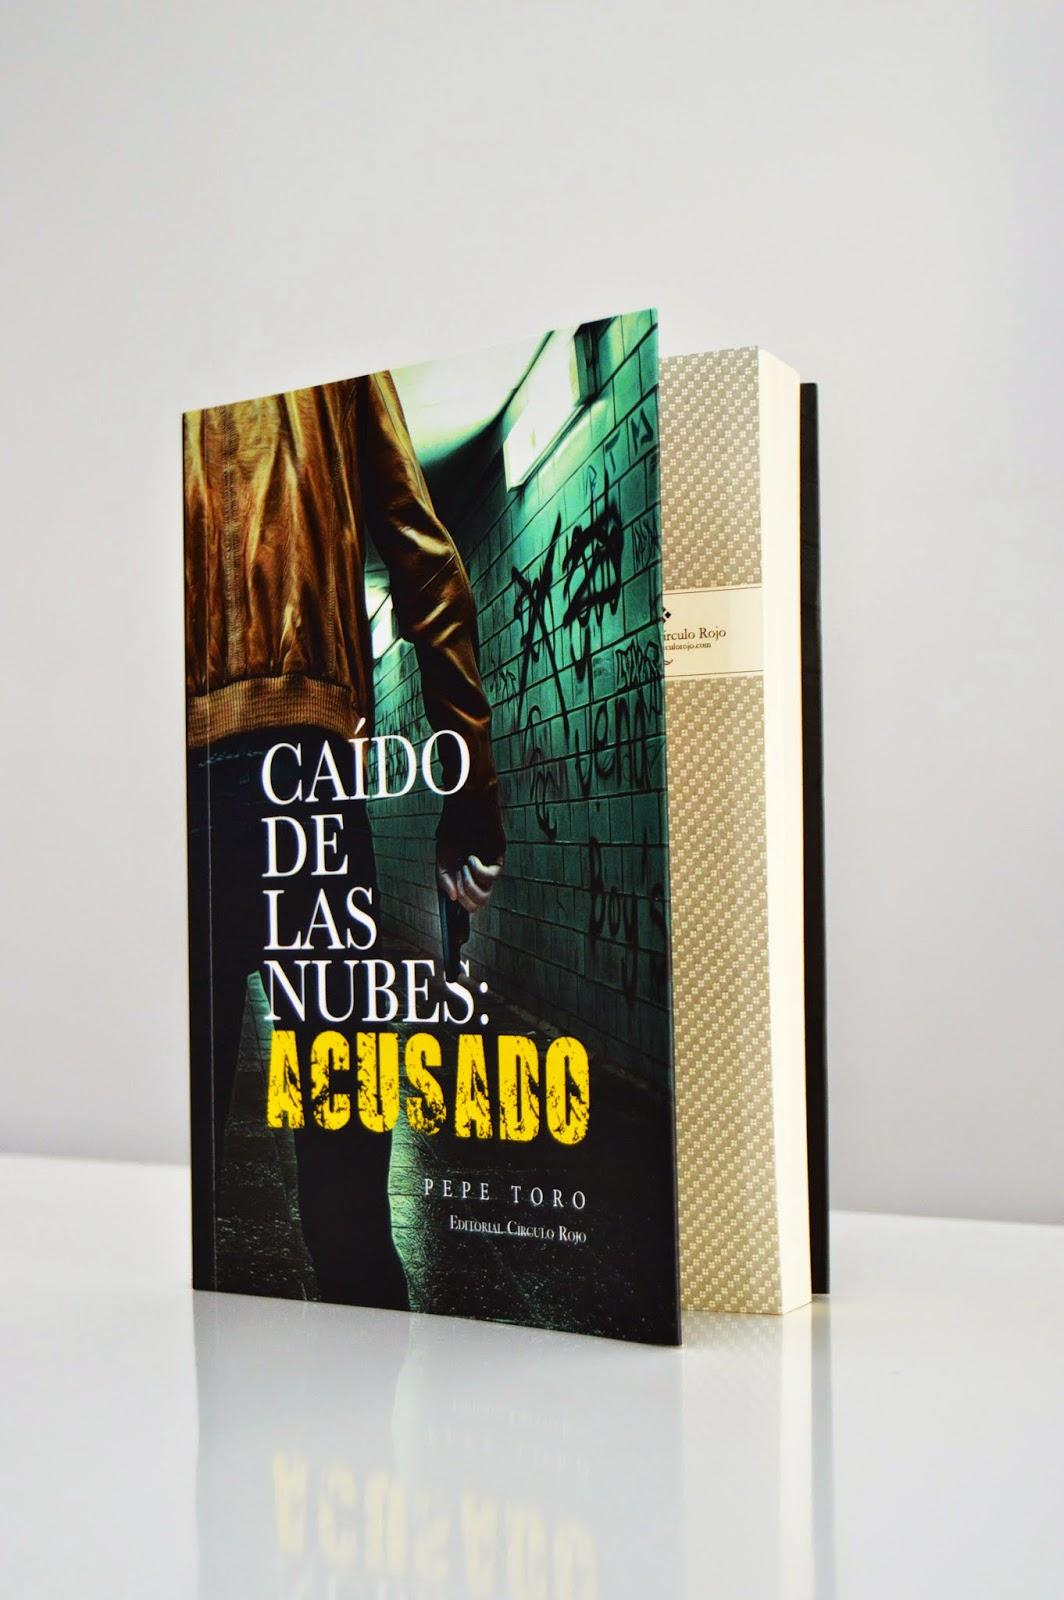 http://editorialcirculorojo.com/caido-de-las-nubes-acusado/